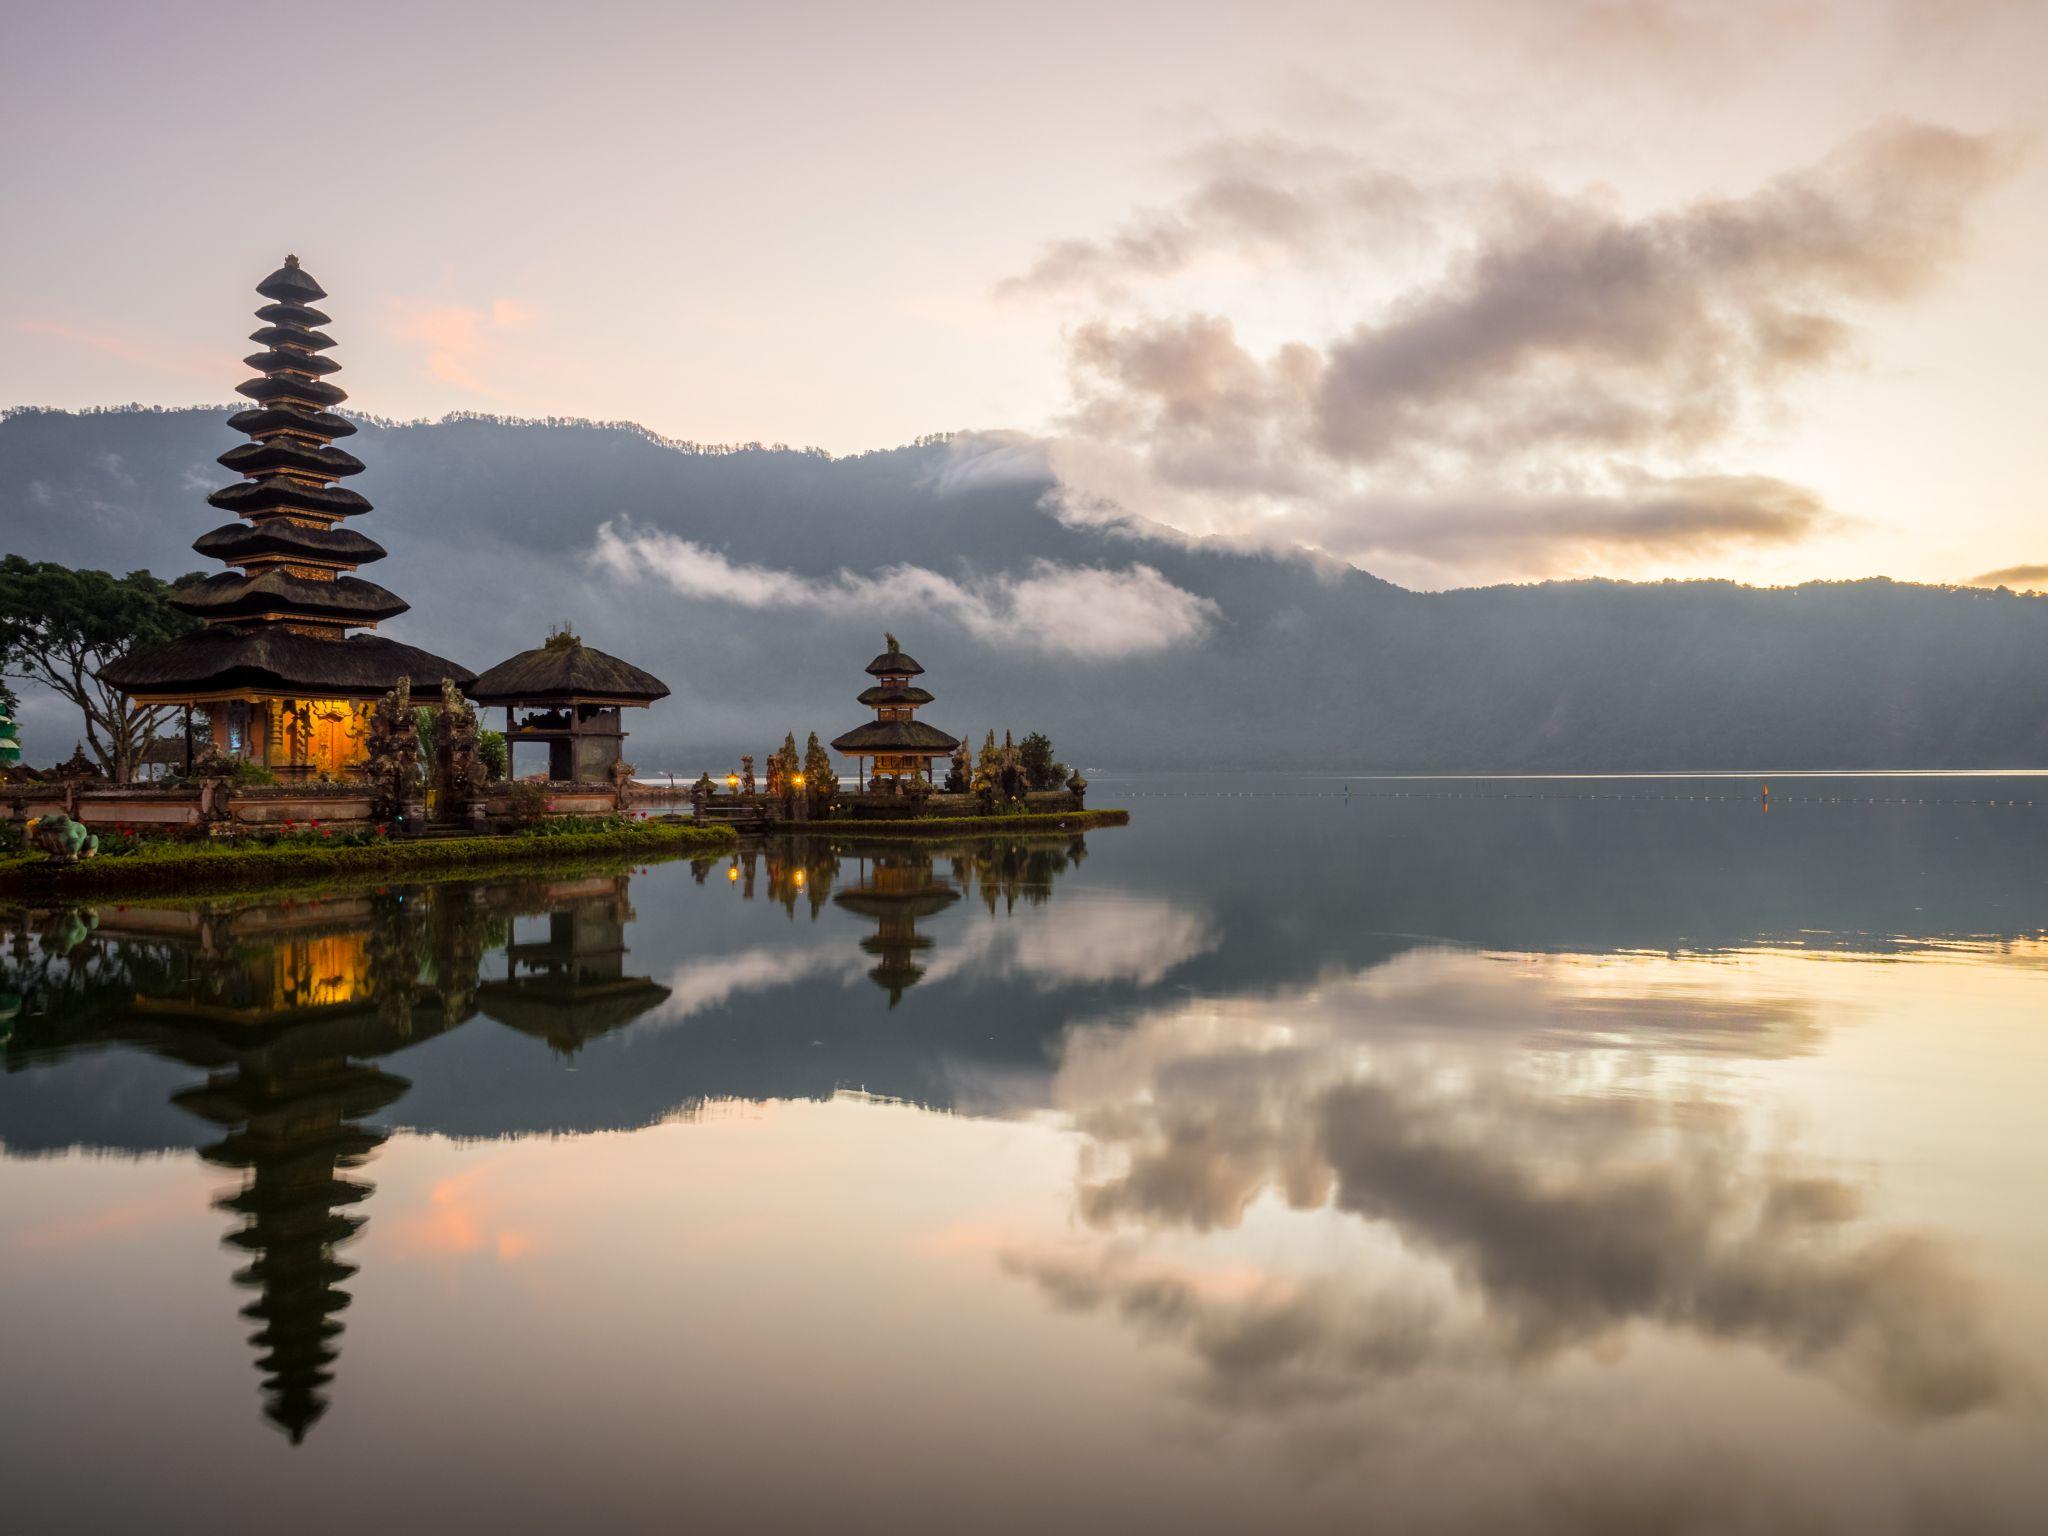 Pura Ulun, Indonesia